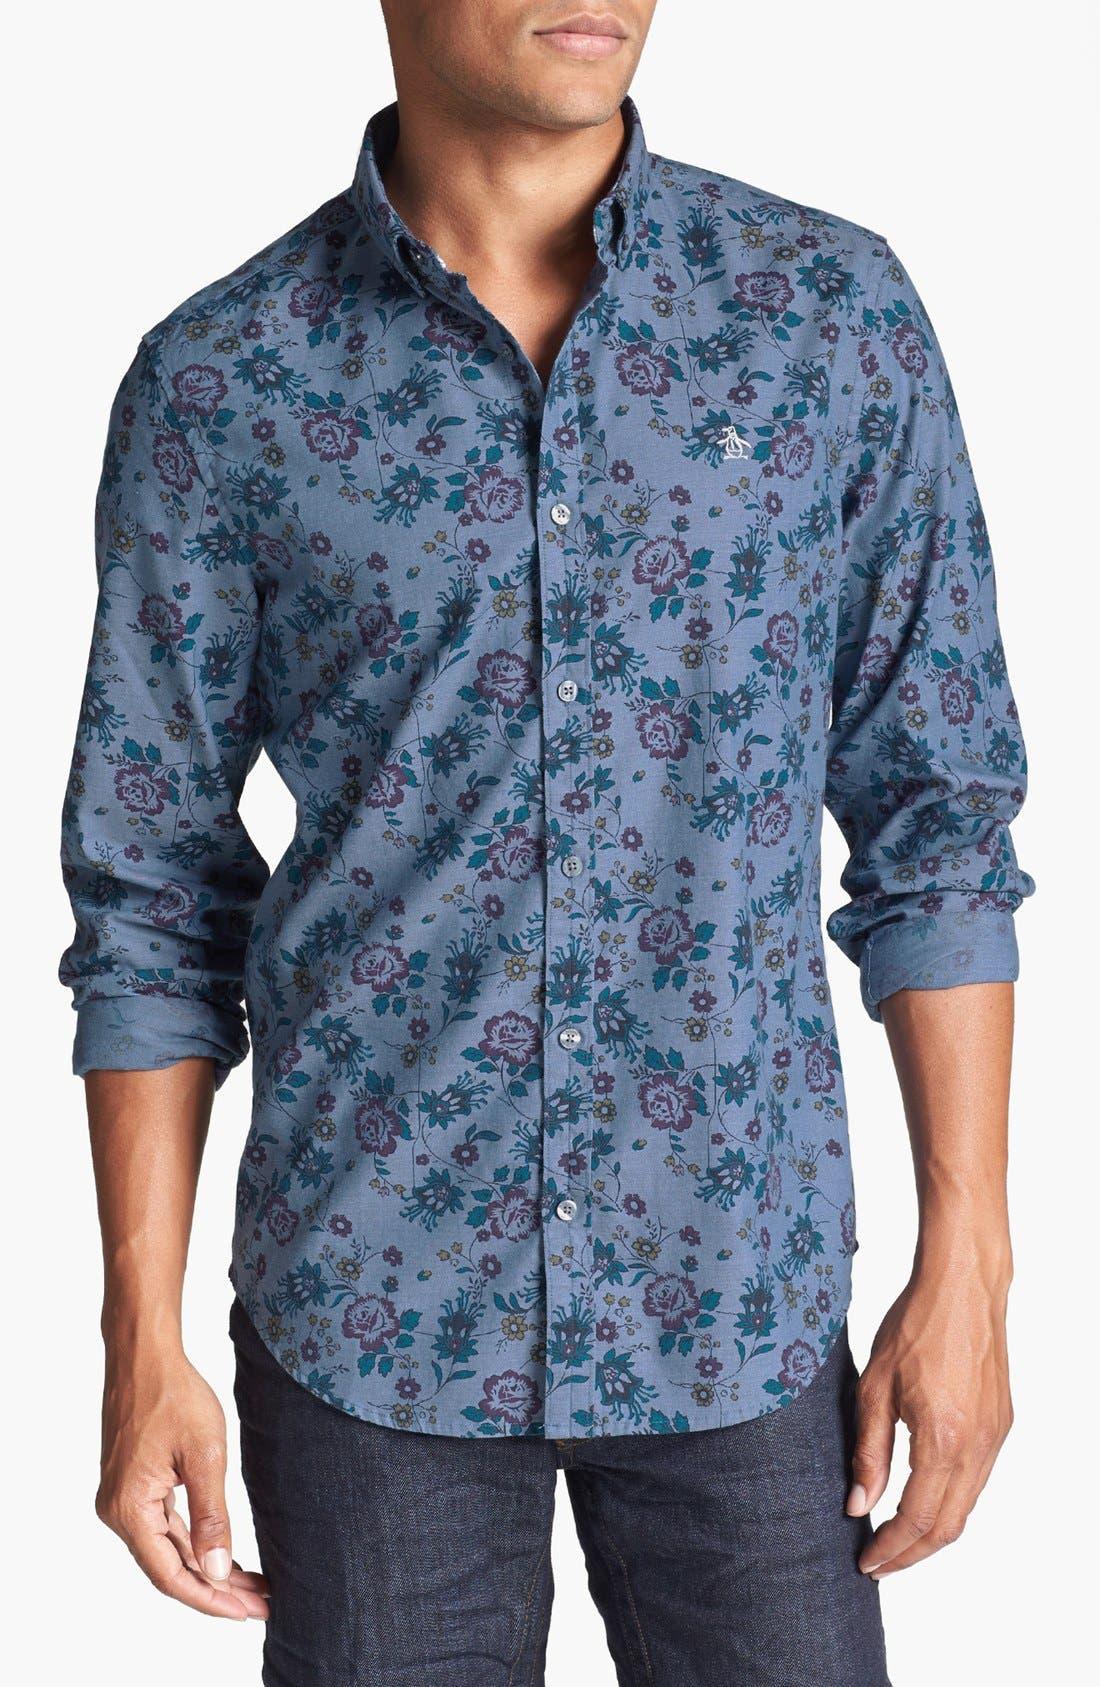 Main Image - Original Penguin Floral Print Chambray Shirt